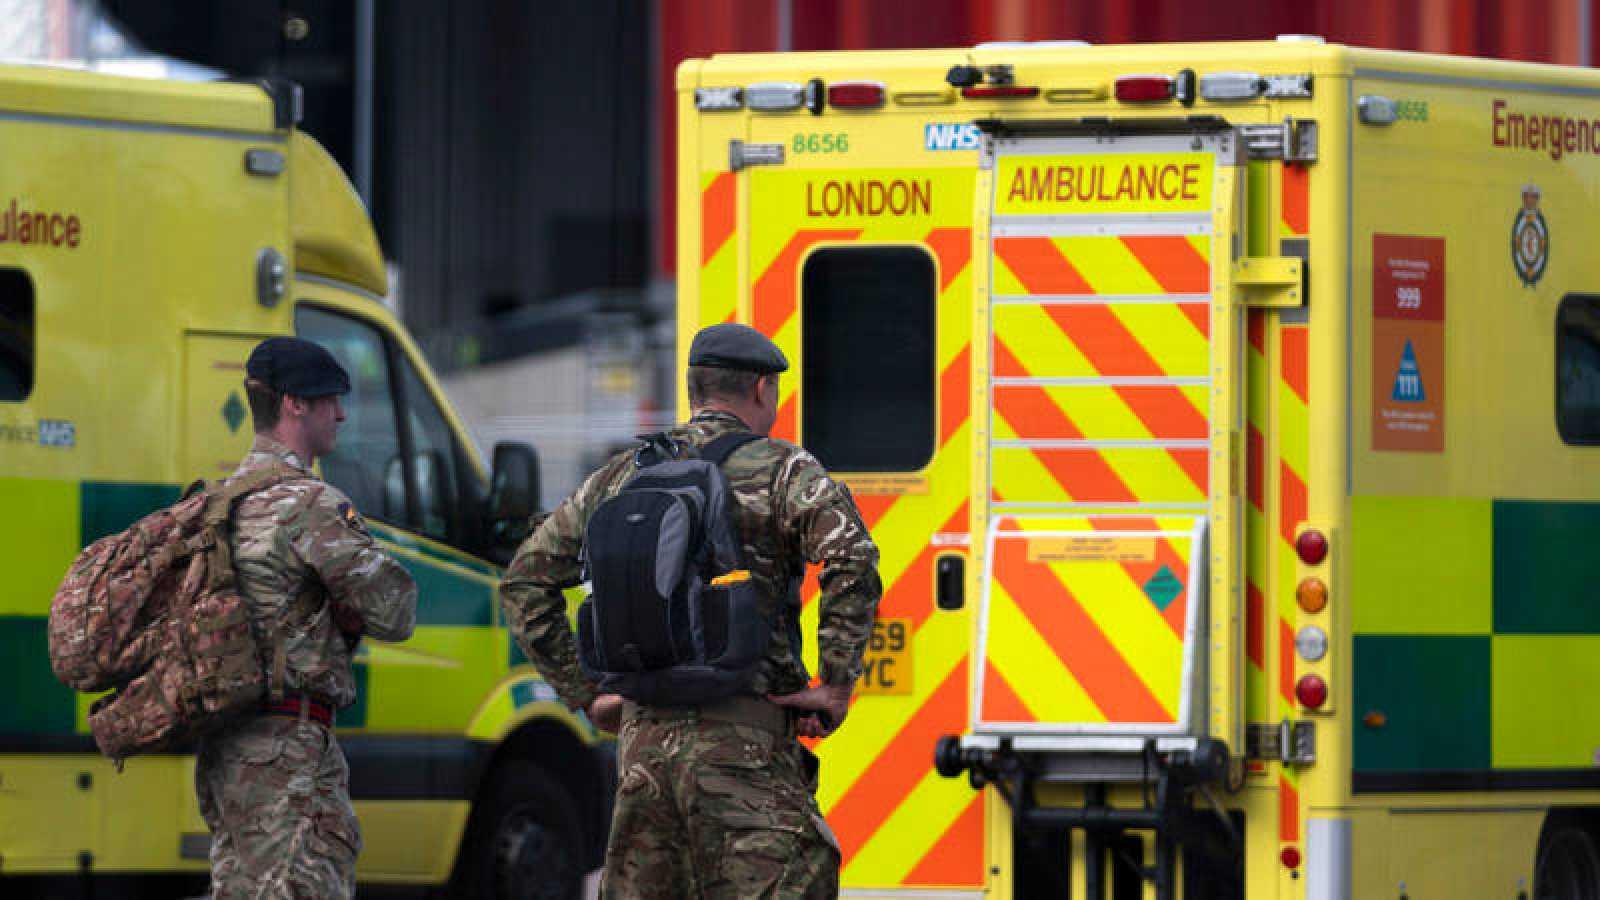 Imagen de un ambulancia de Londres